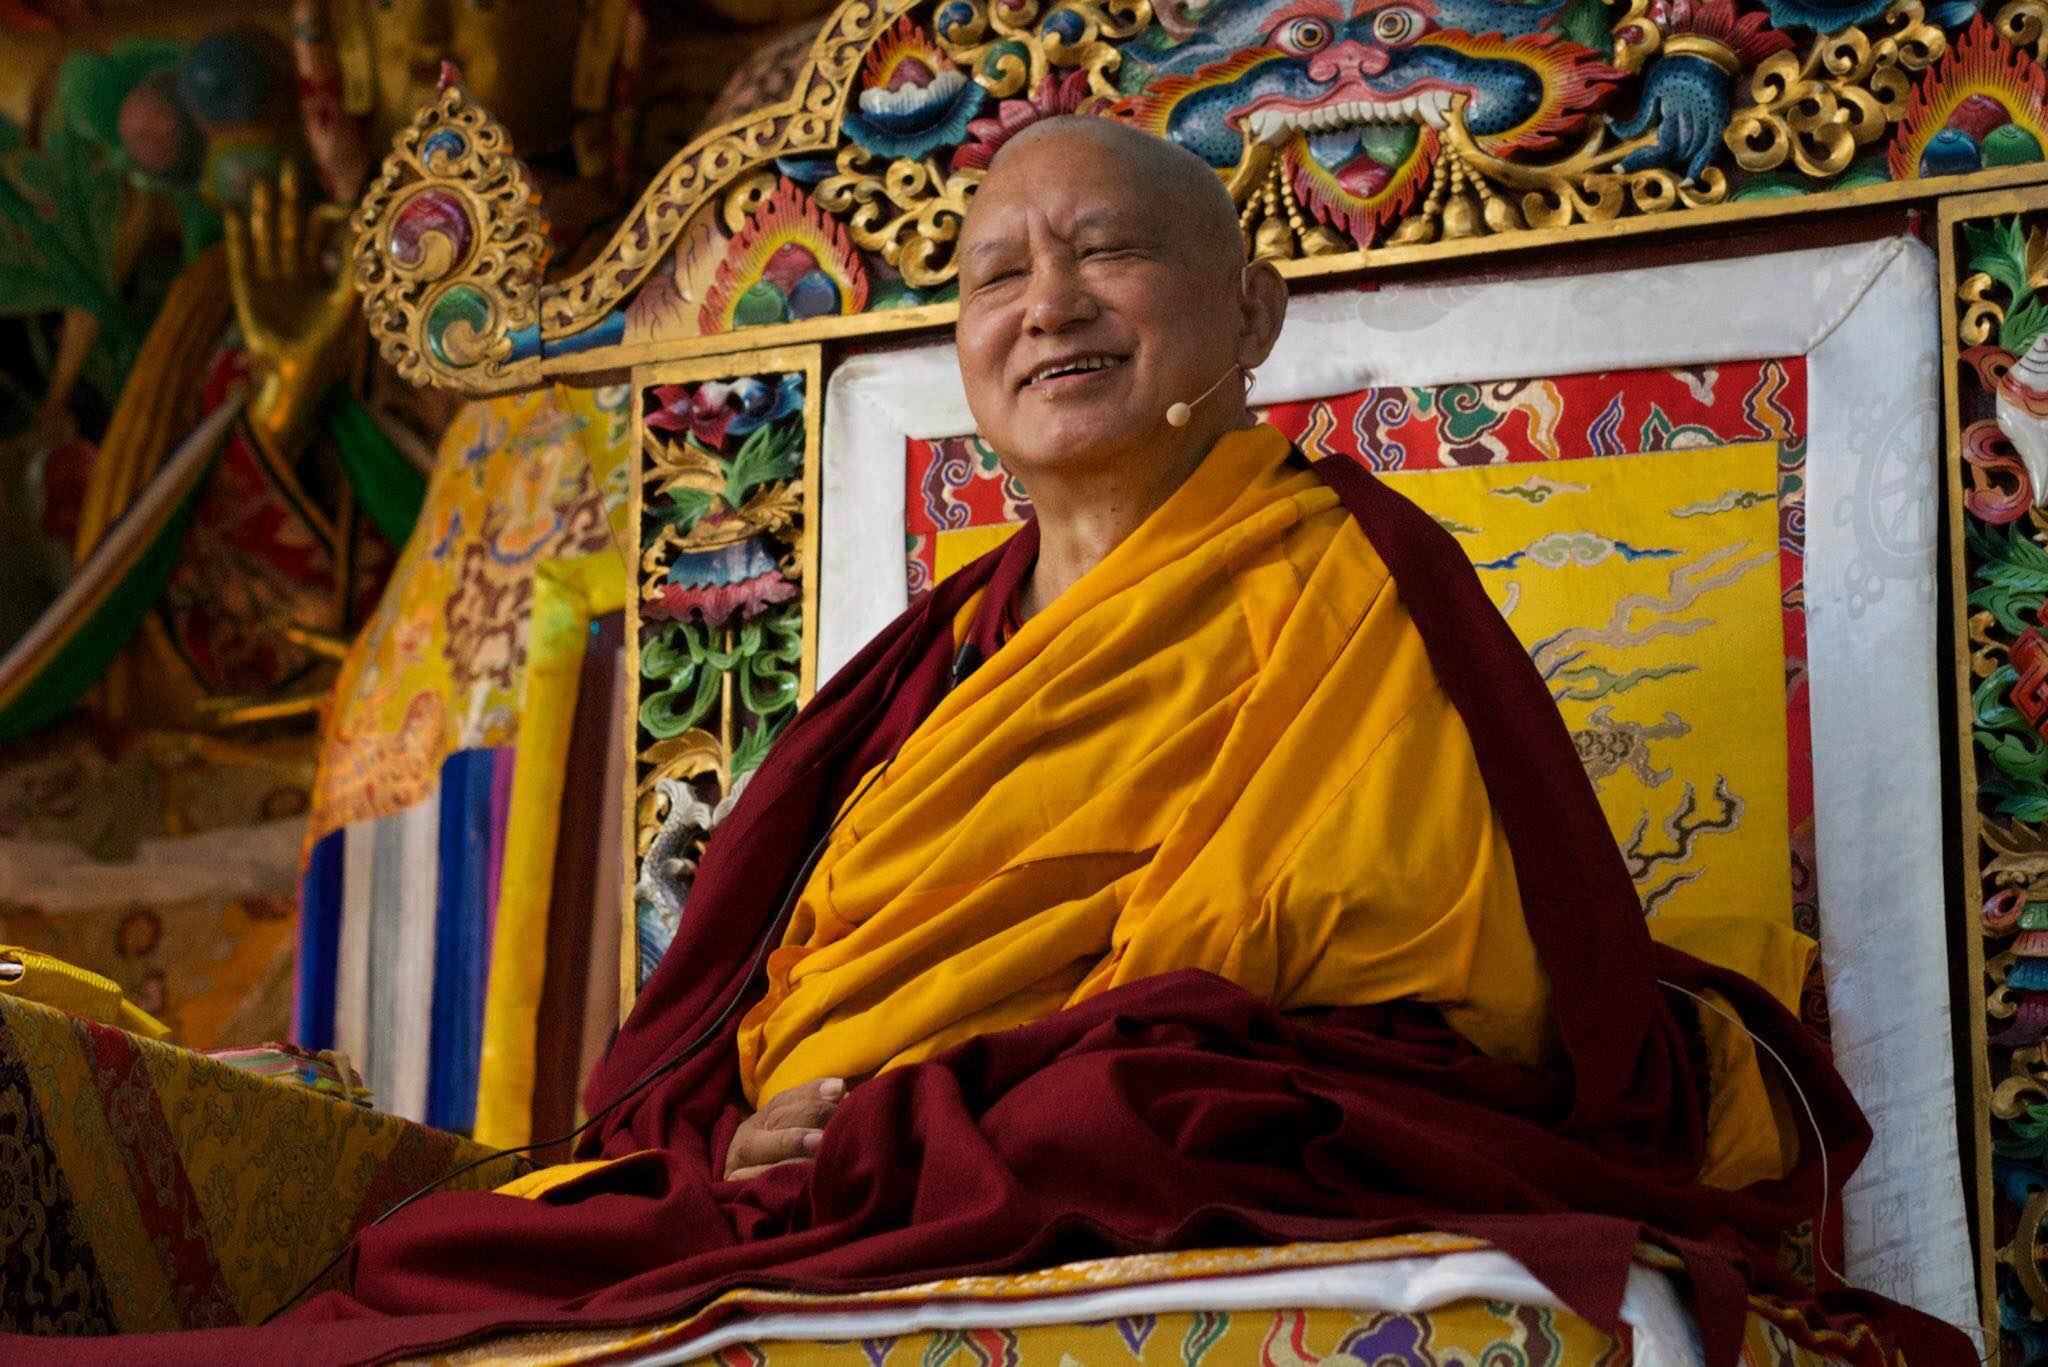 Lama Zopa Rinpoche (Photo Bill Kane)